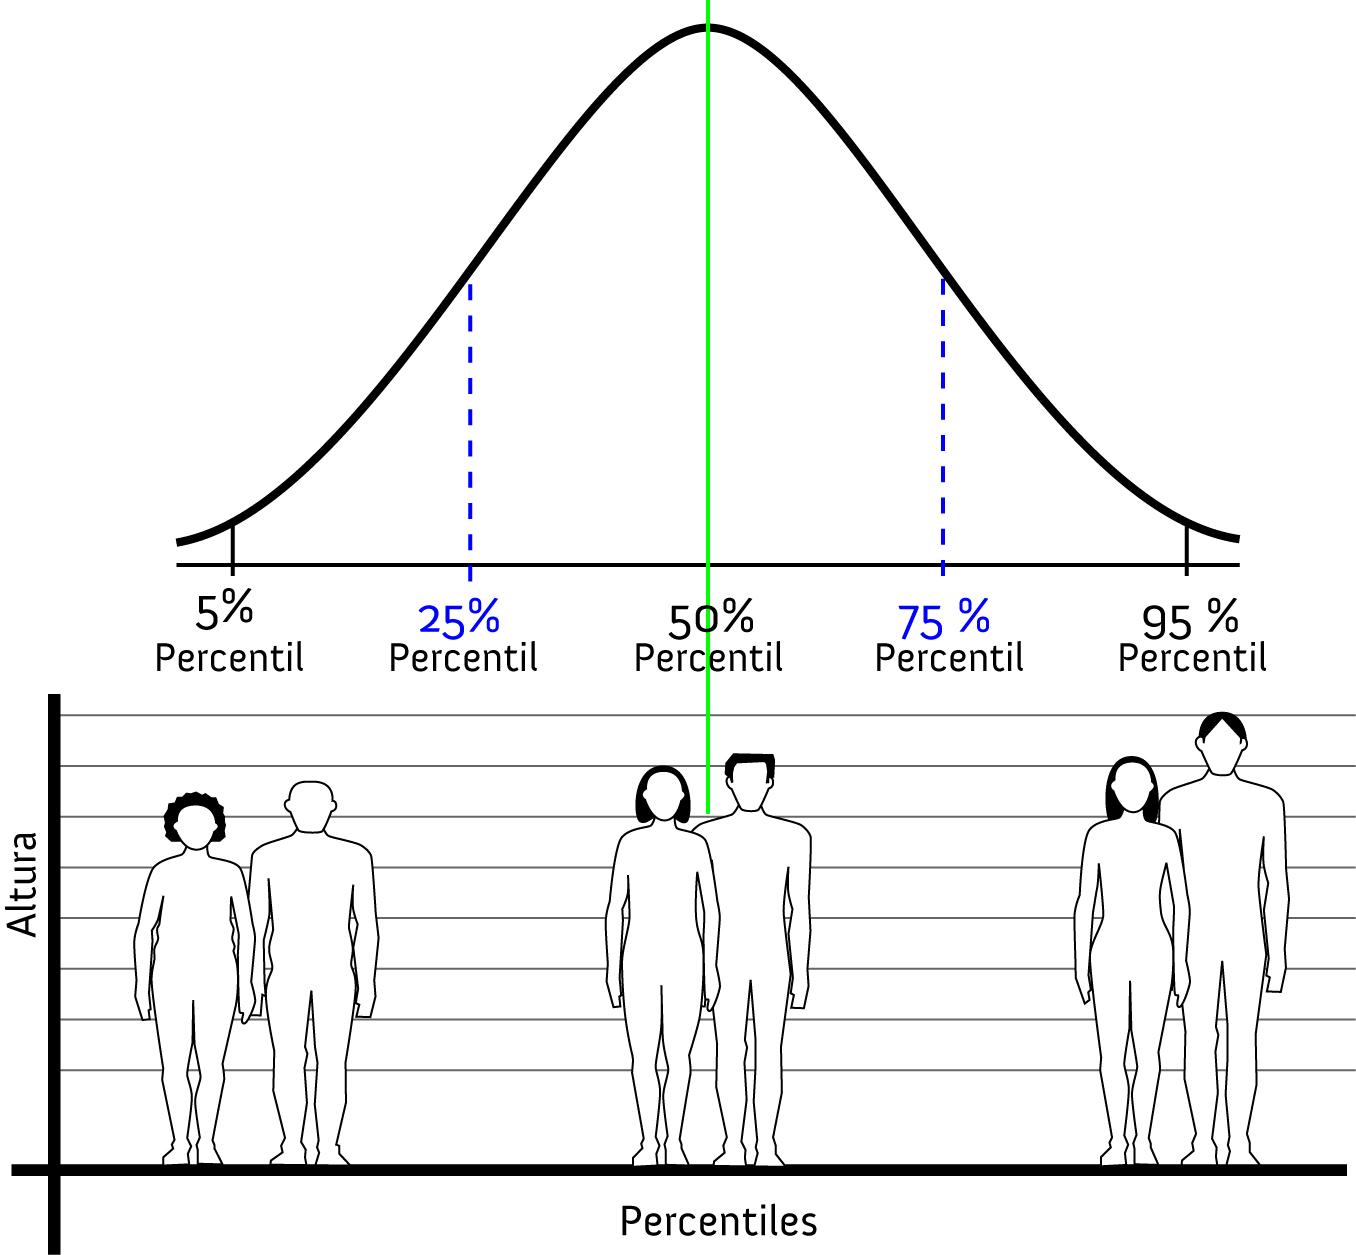 Breve introducci n a la antropometr a f sica for Cuales son medidas antropometricas